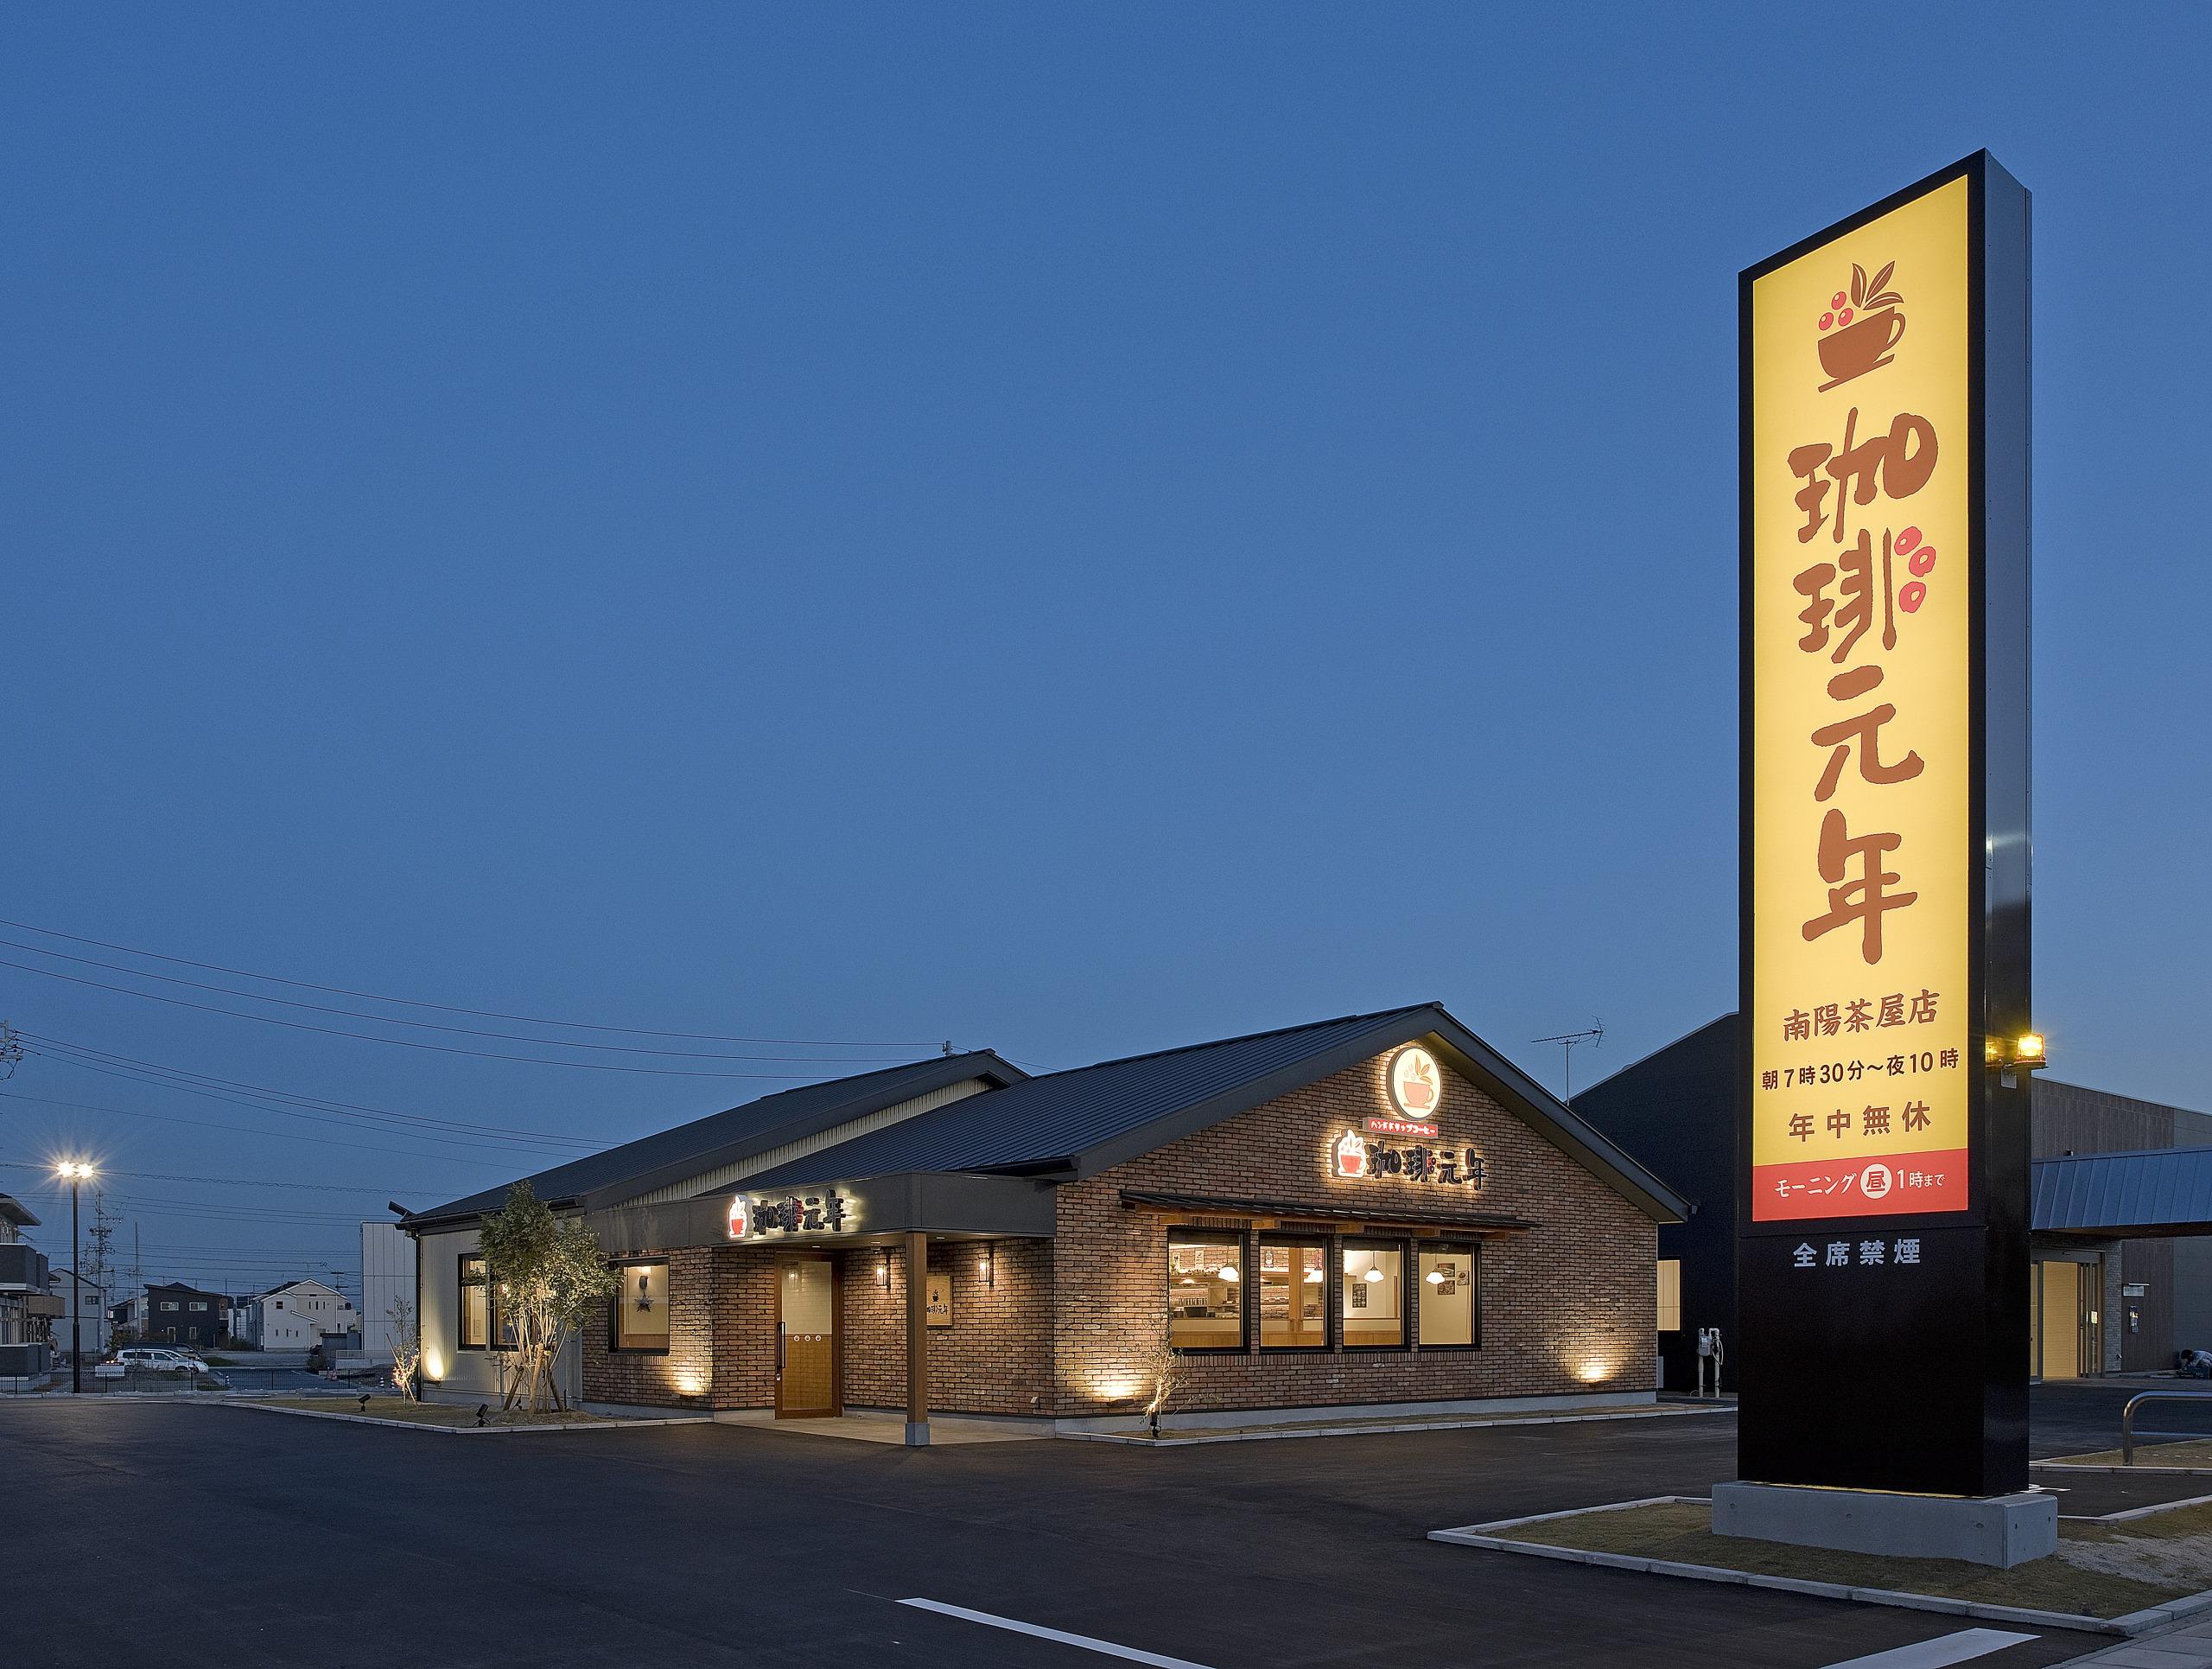 南陽茶屋店外観